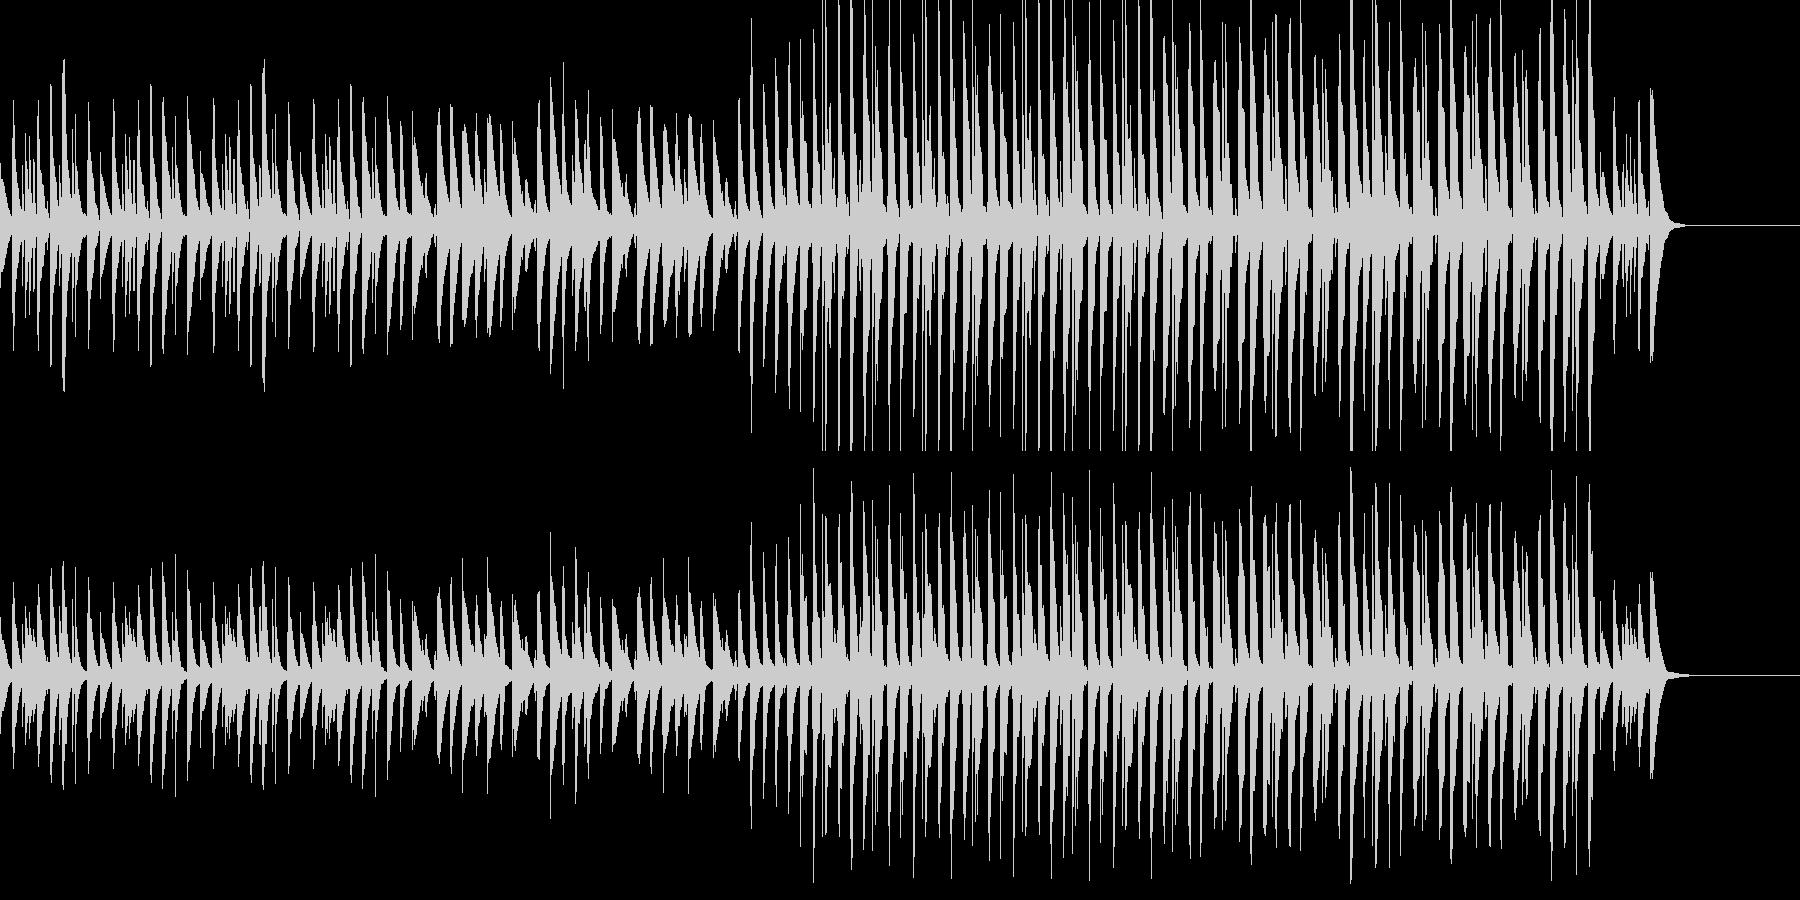 かわいらしい日常BGMの未再生の波形